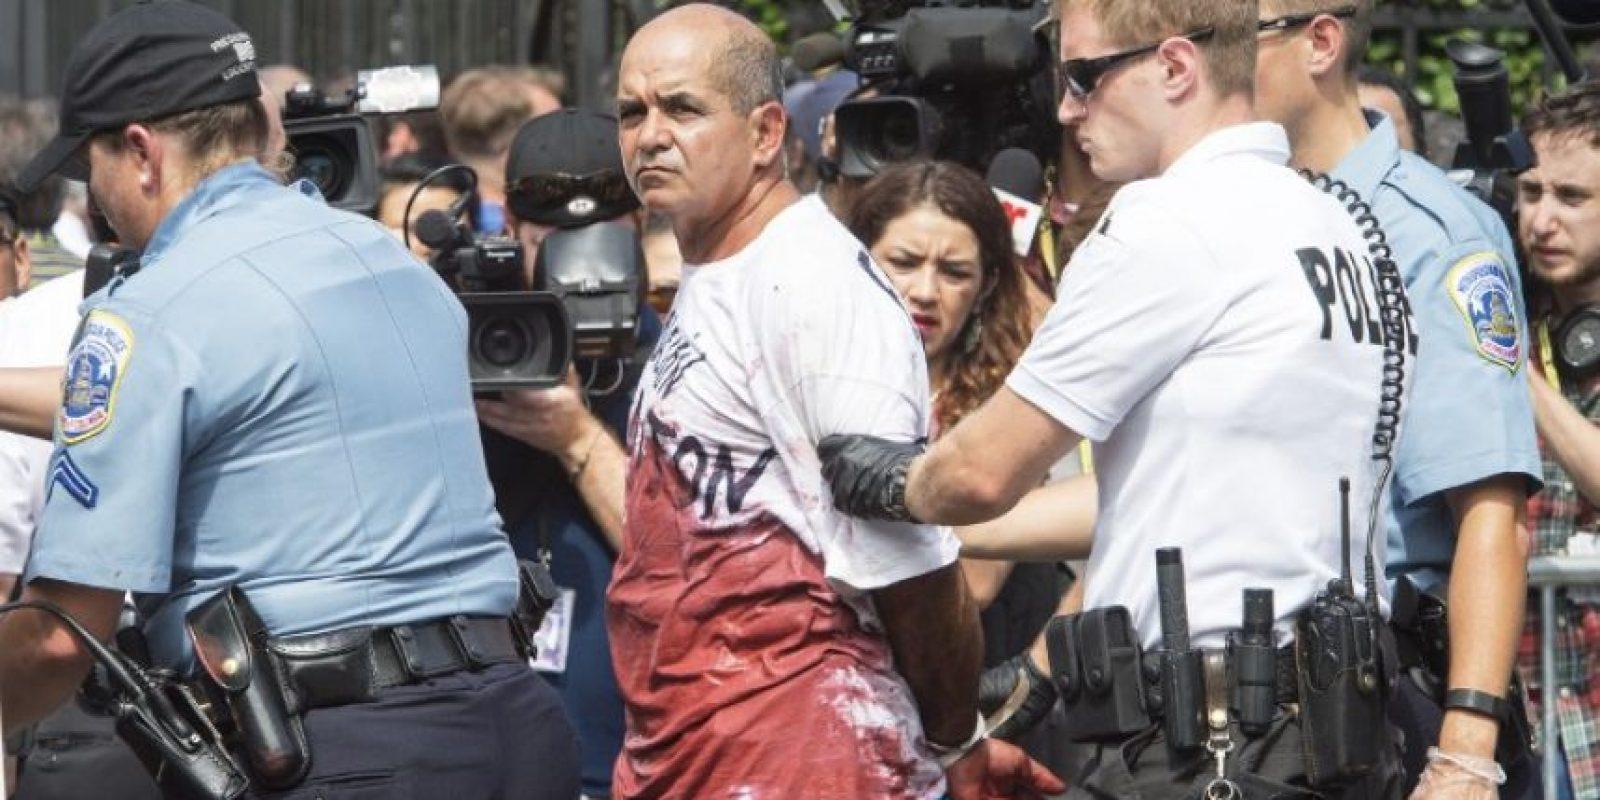 Un hombre fue detenido por manifestarse manchado de sangre falsa Foto:AFP